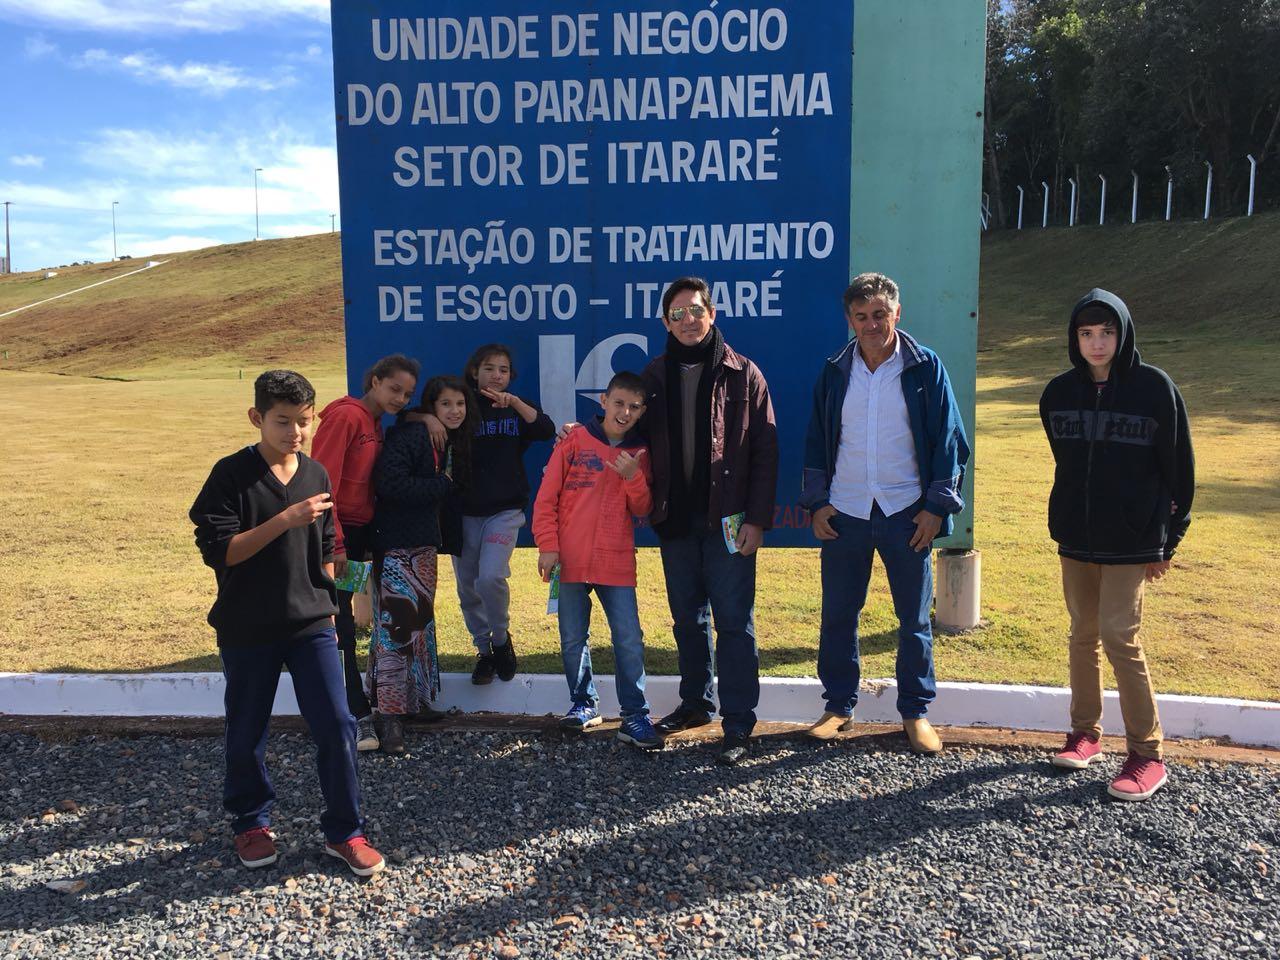 Através de incentivo do prefeito, Meio Ambiente é tema constante na Rede Municipal de Ensino em Itararé (SP)